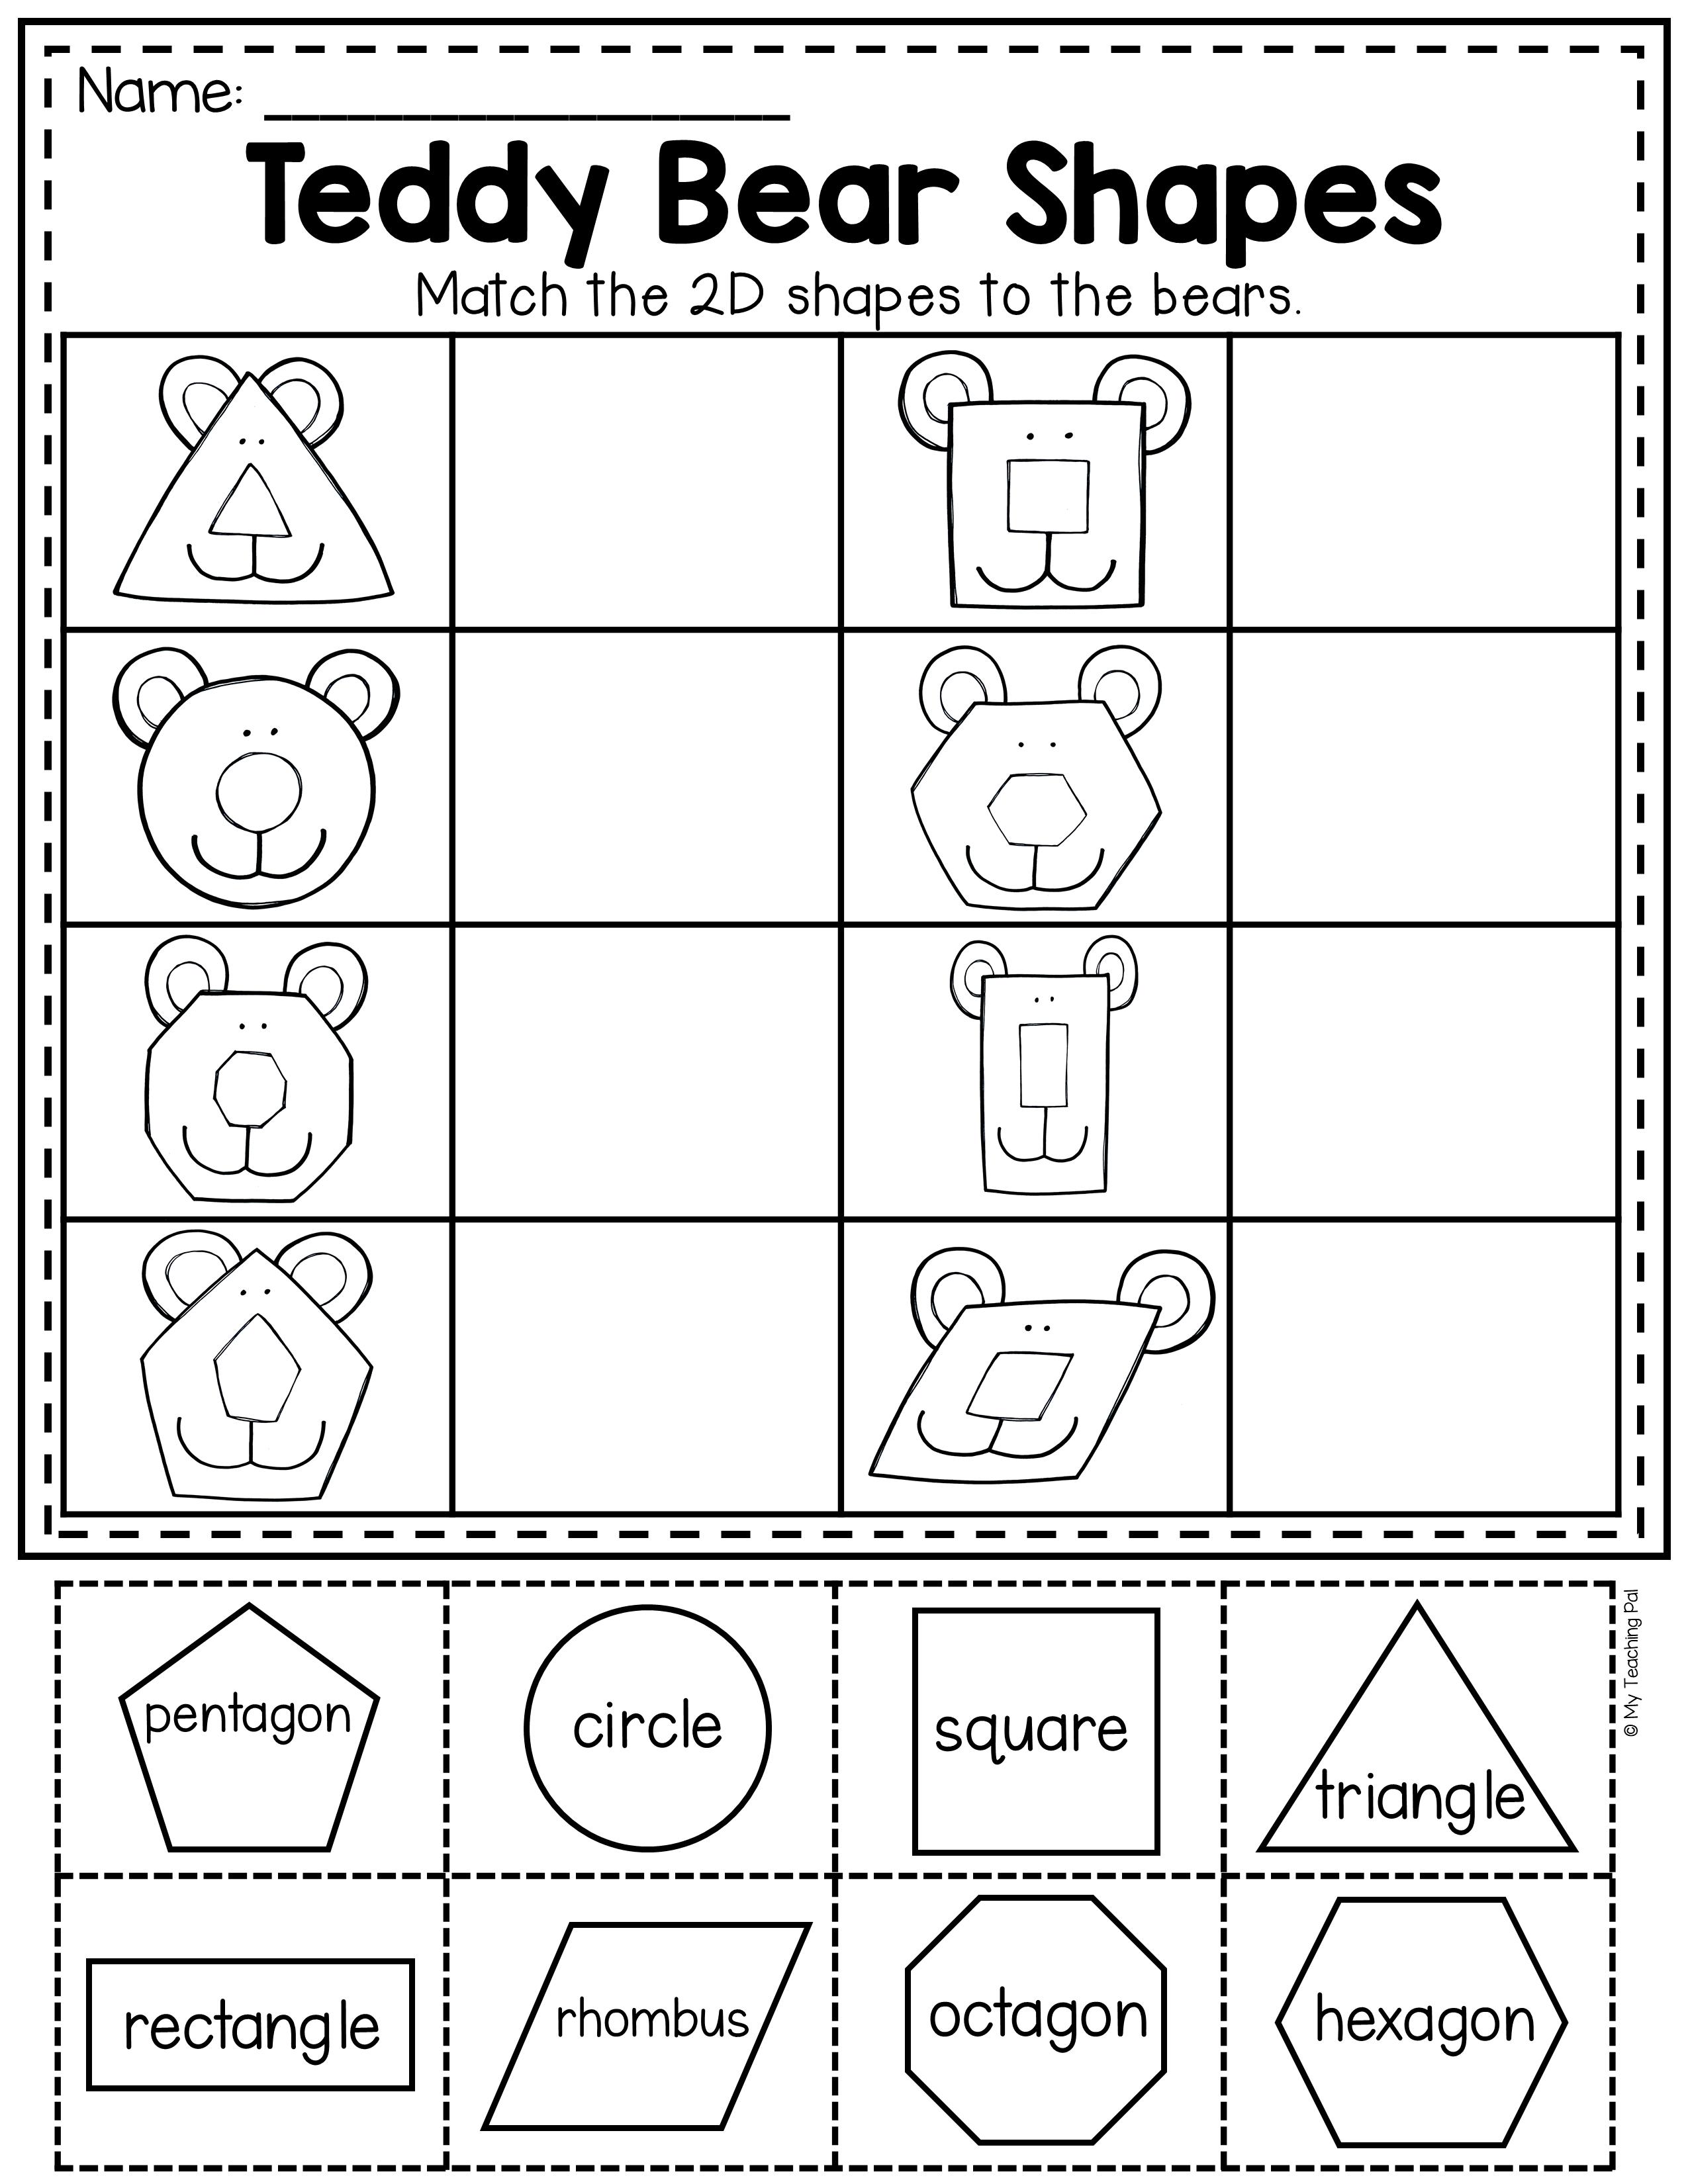 2d Teddy Bear Shapes Worksheet Summer Math Worksheets 3d Shapes Worksheets Shapes Worksheets